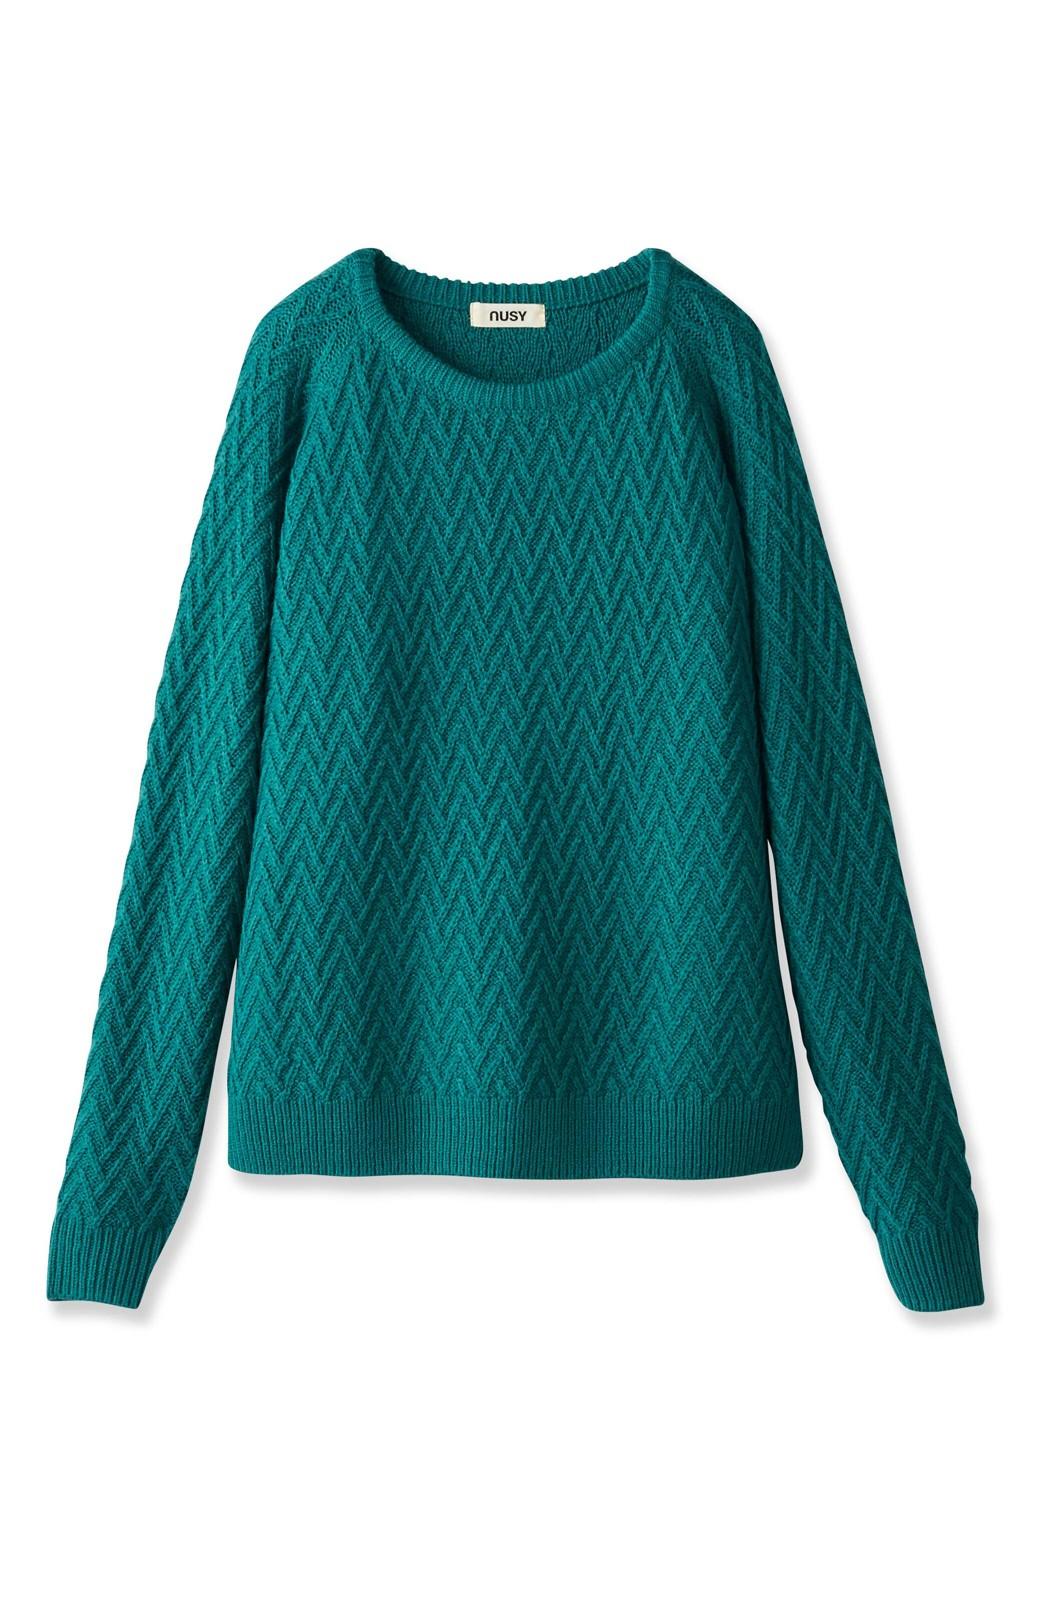 nusy お家で洗えてきれいがつづく V柄編みクルーネックニット <グリーン>の商品写真2